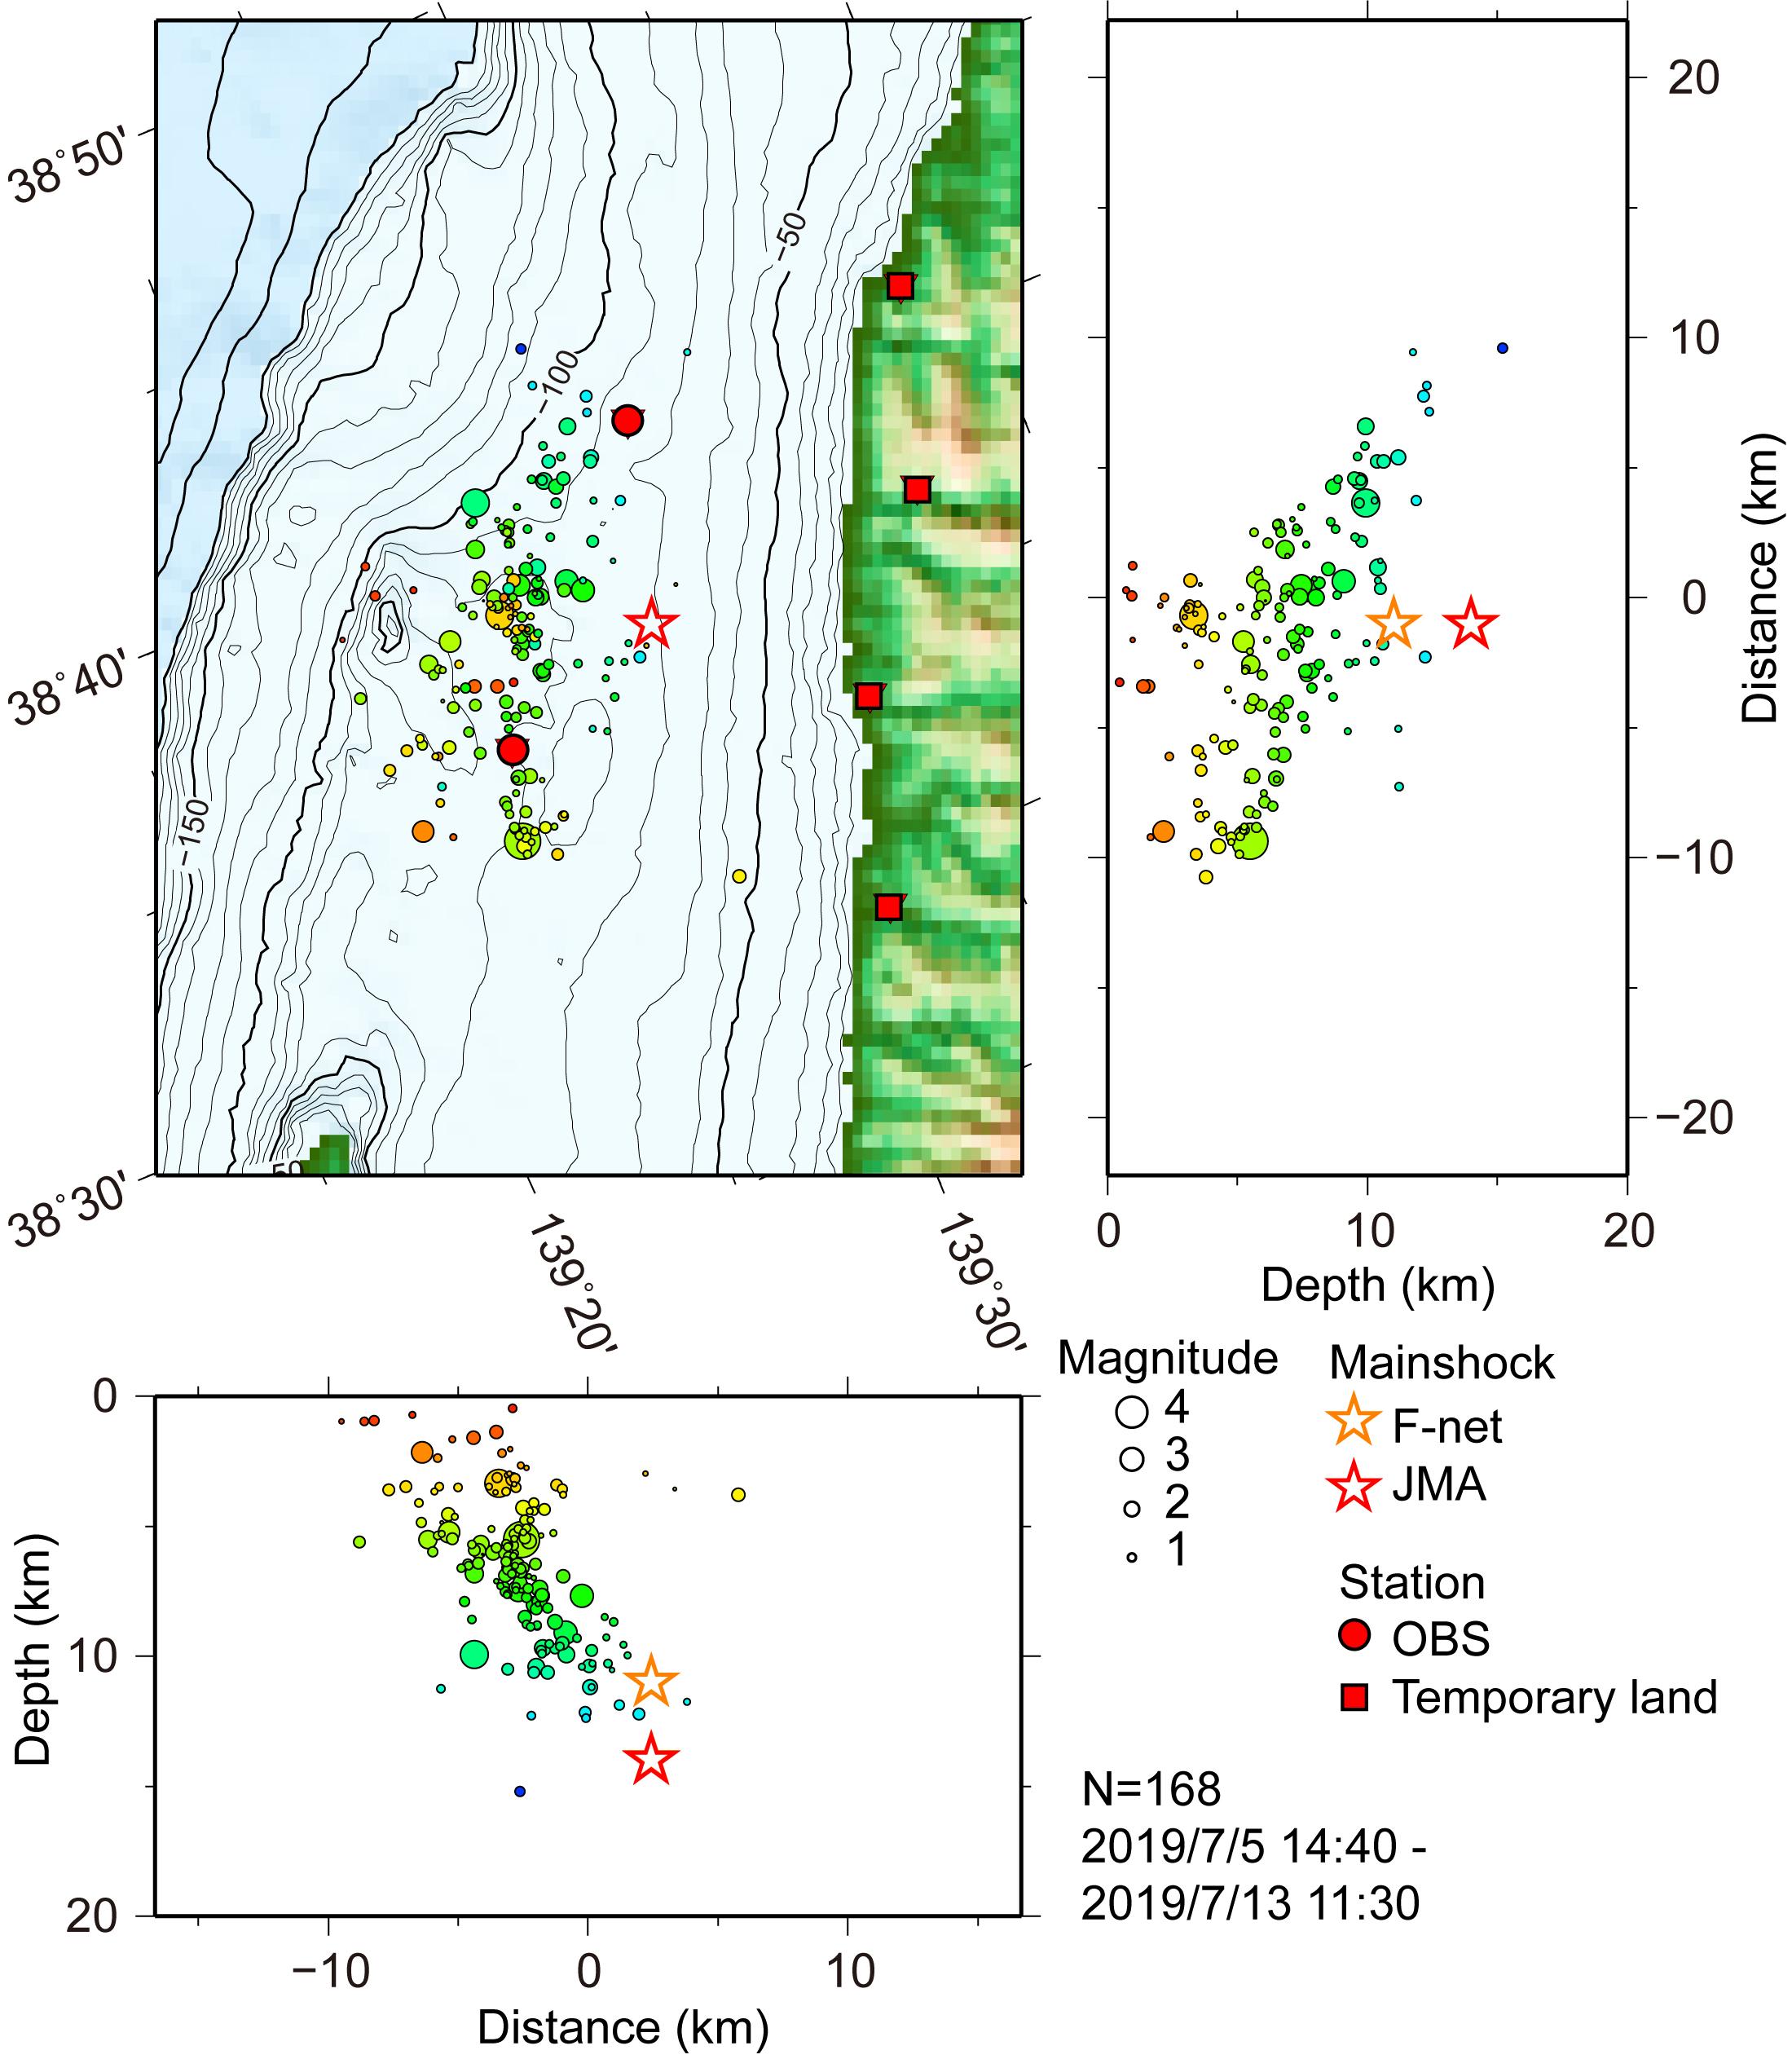 【研究速報+臨時観測結果】6月18日22時22分頃の山形県沖の地震